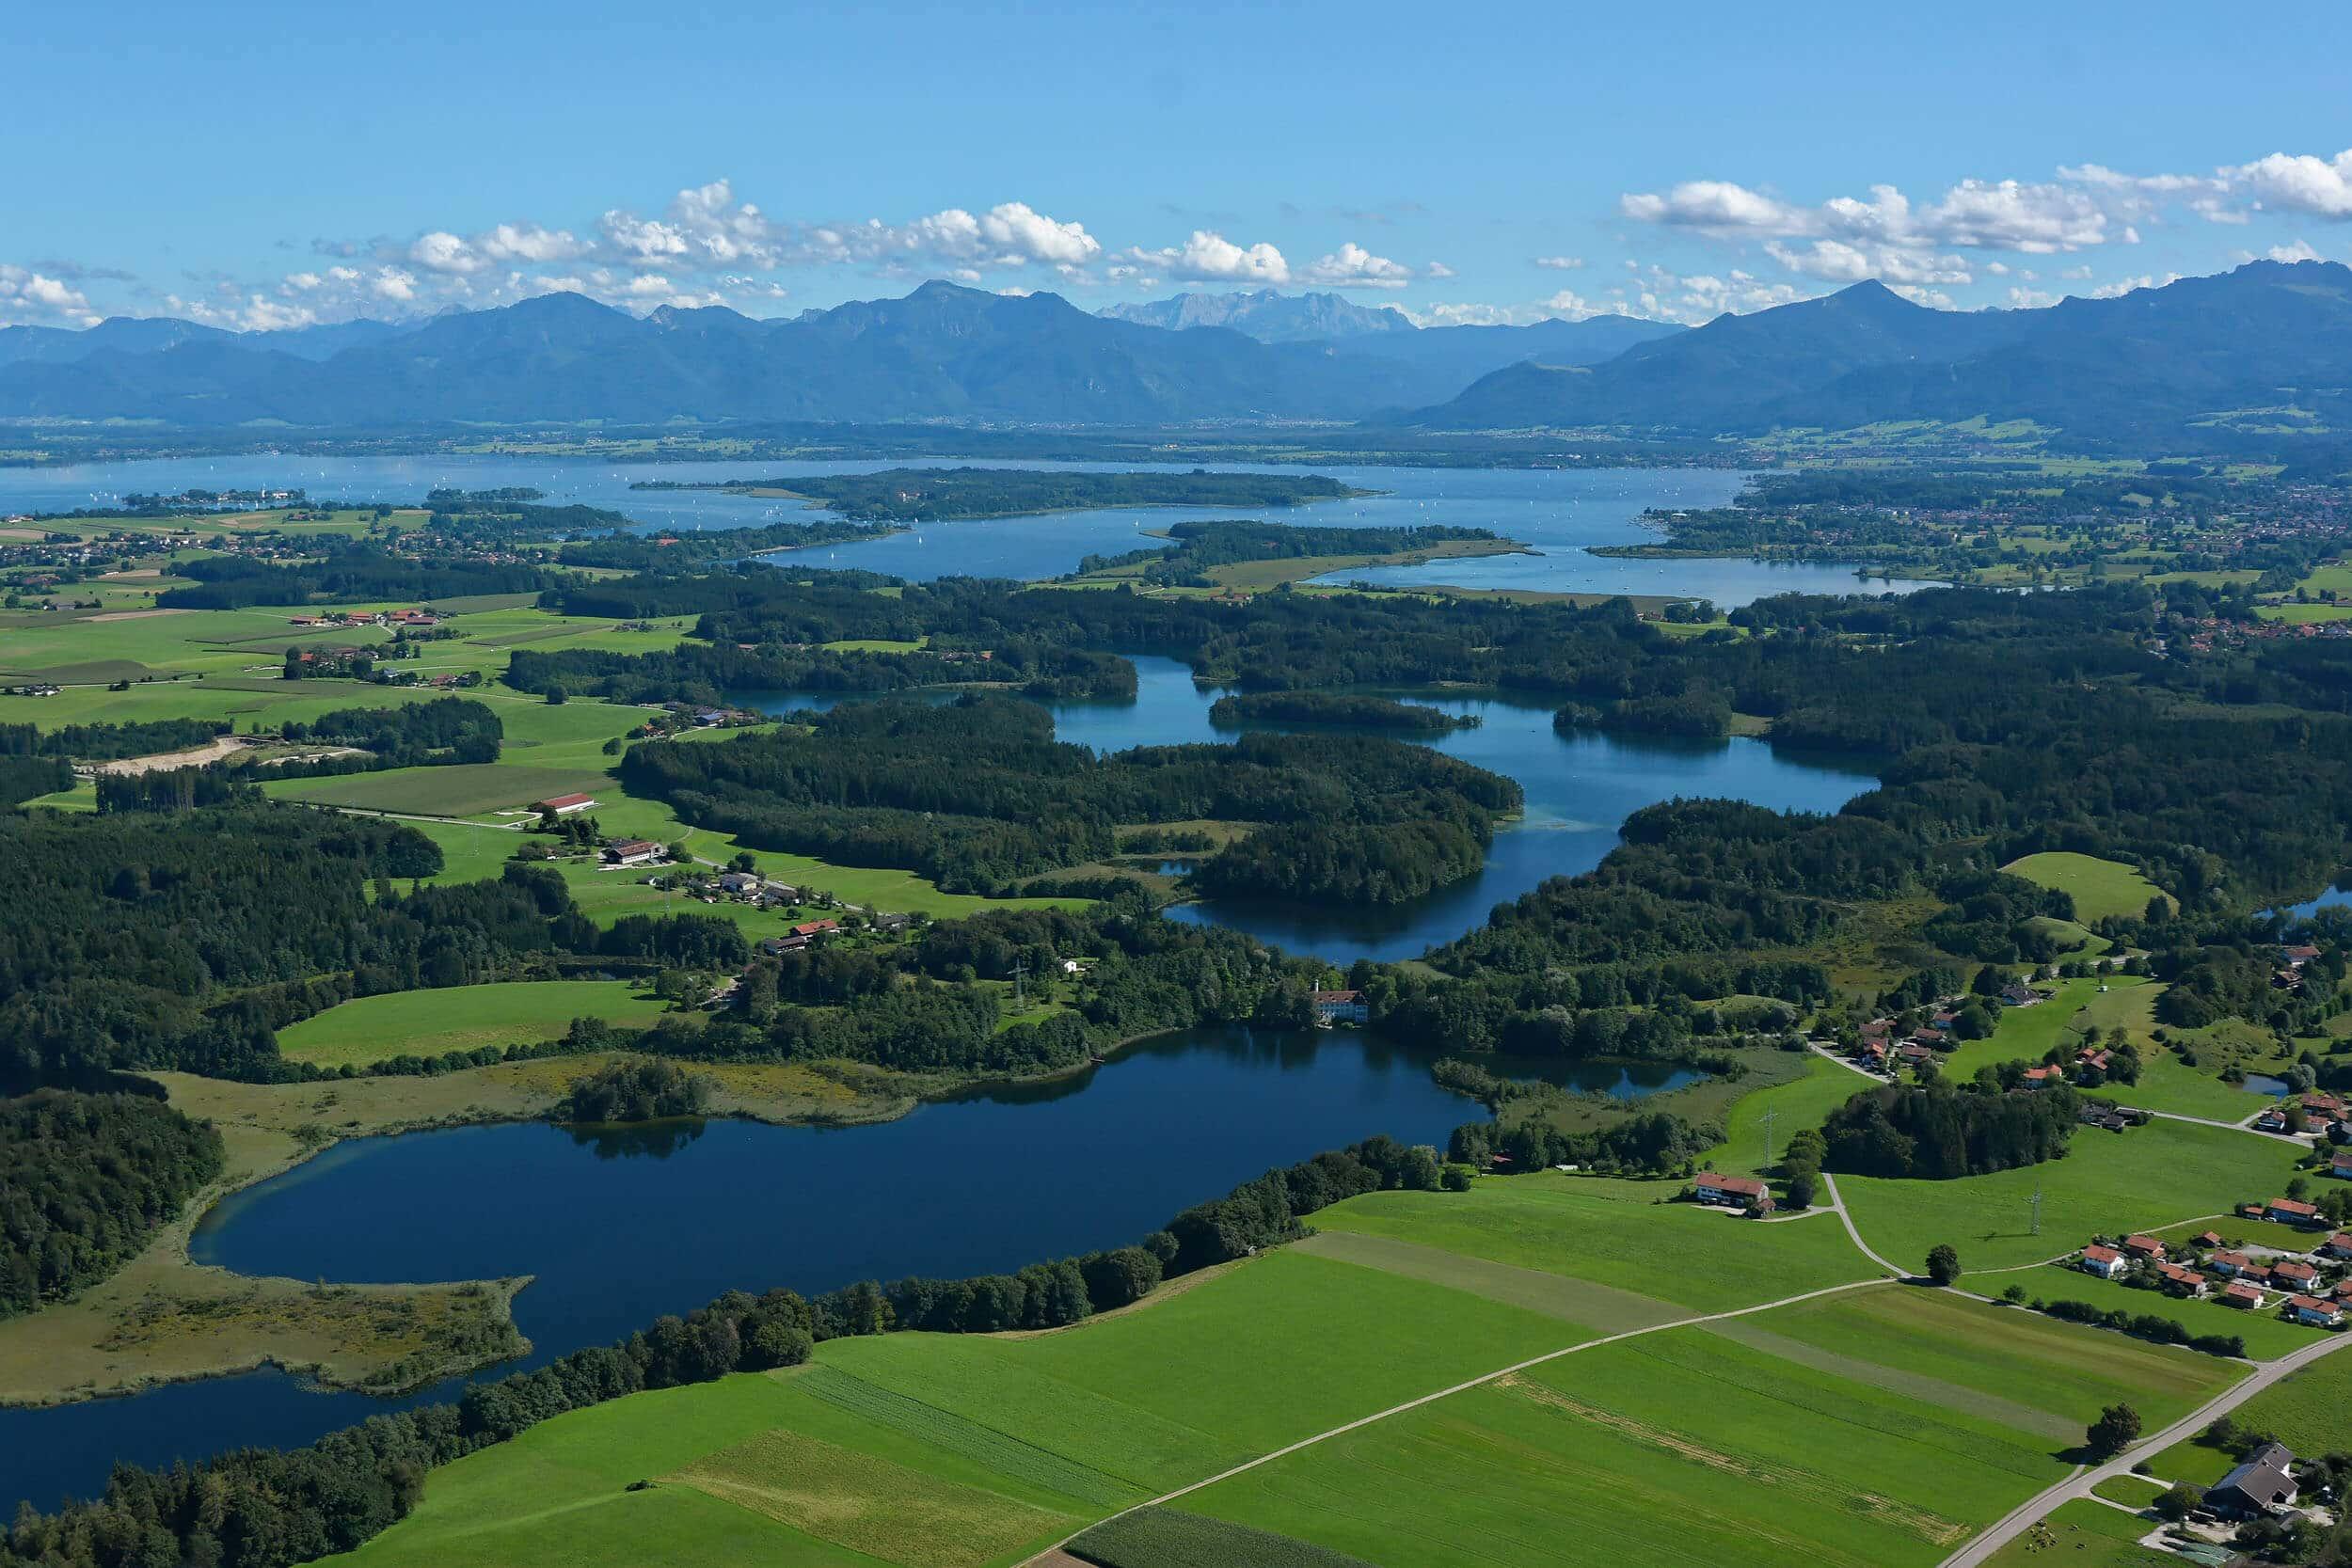 Eggstätt-Hemhofer-Seenplatte und Chiemsee © Chiemsee-Alpenland Tourismus